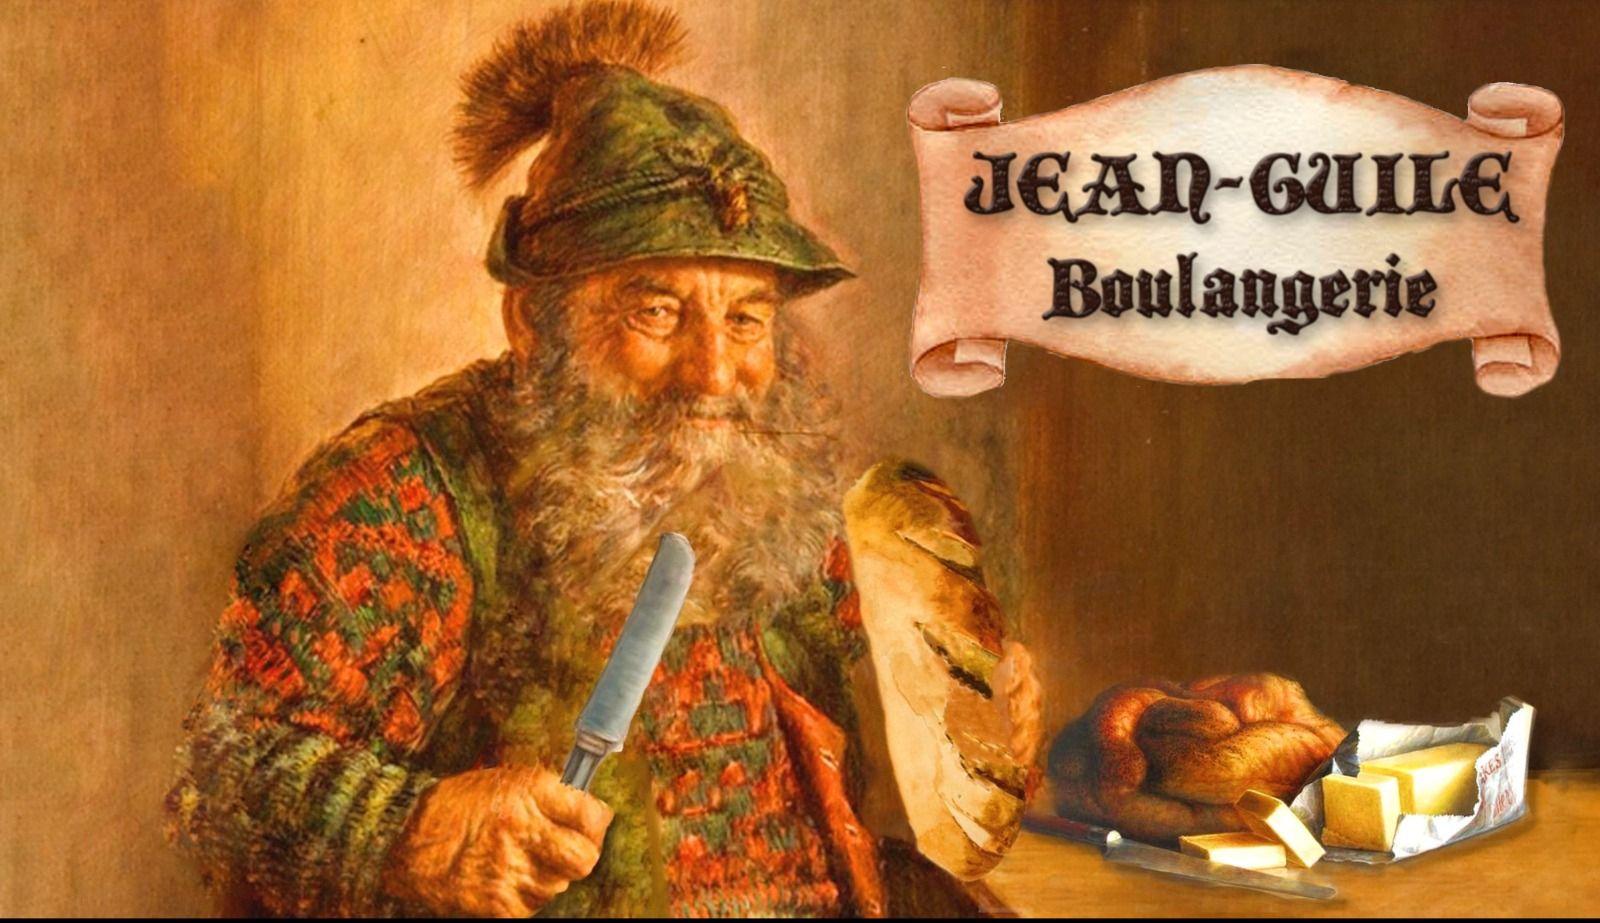 Préparez vos déguisements, la Jean Guile est reportée cette année !